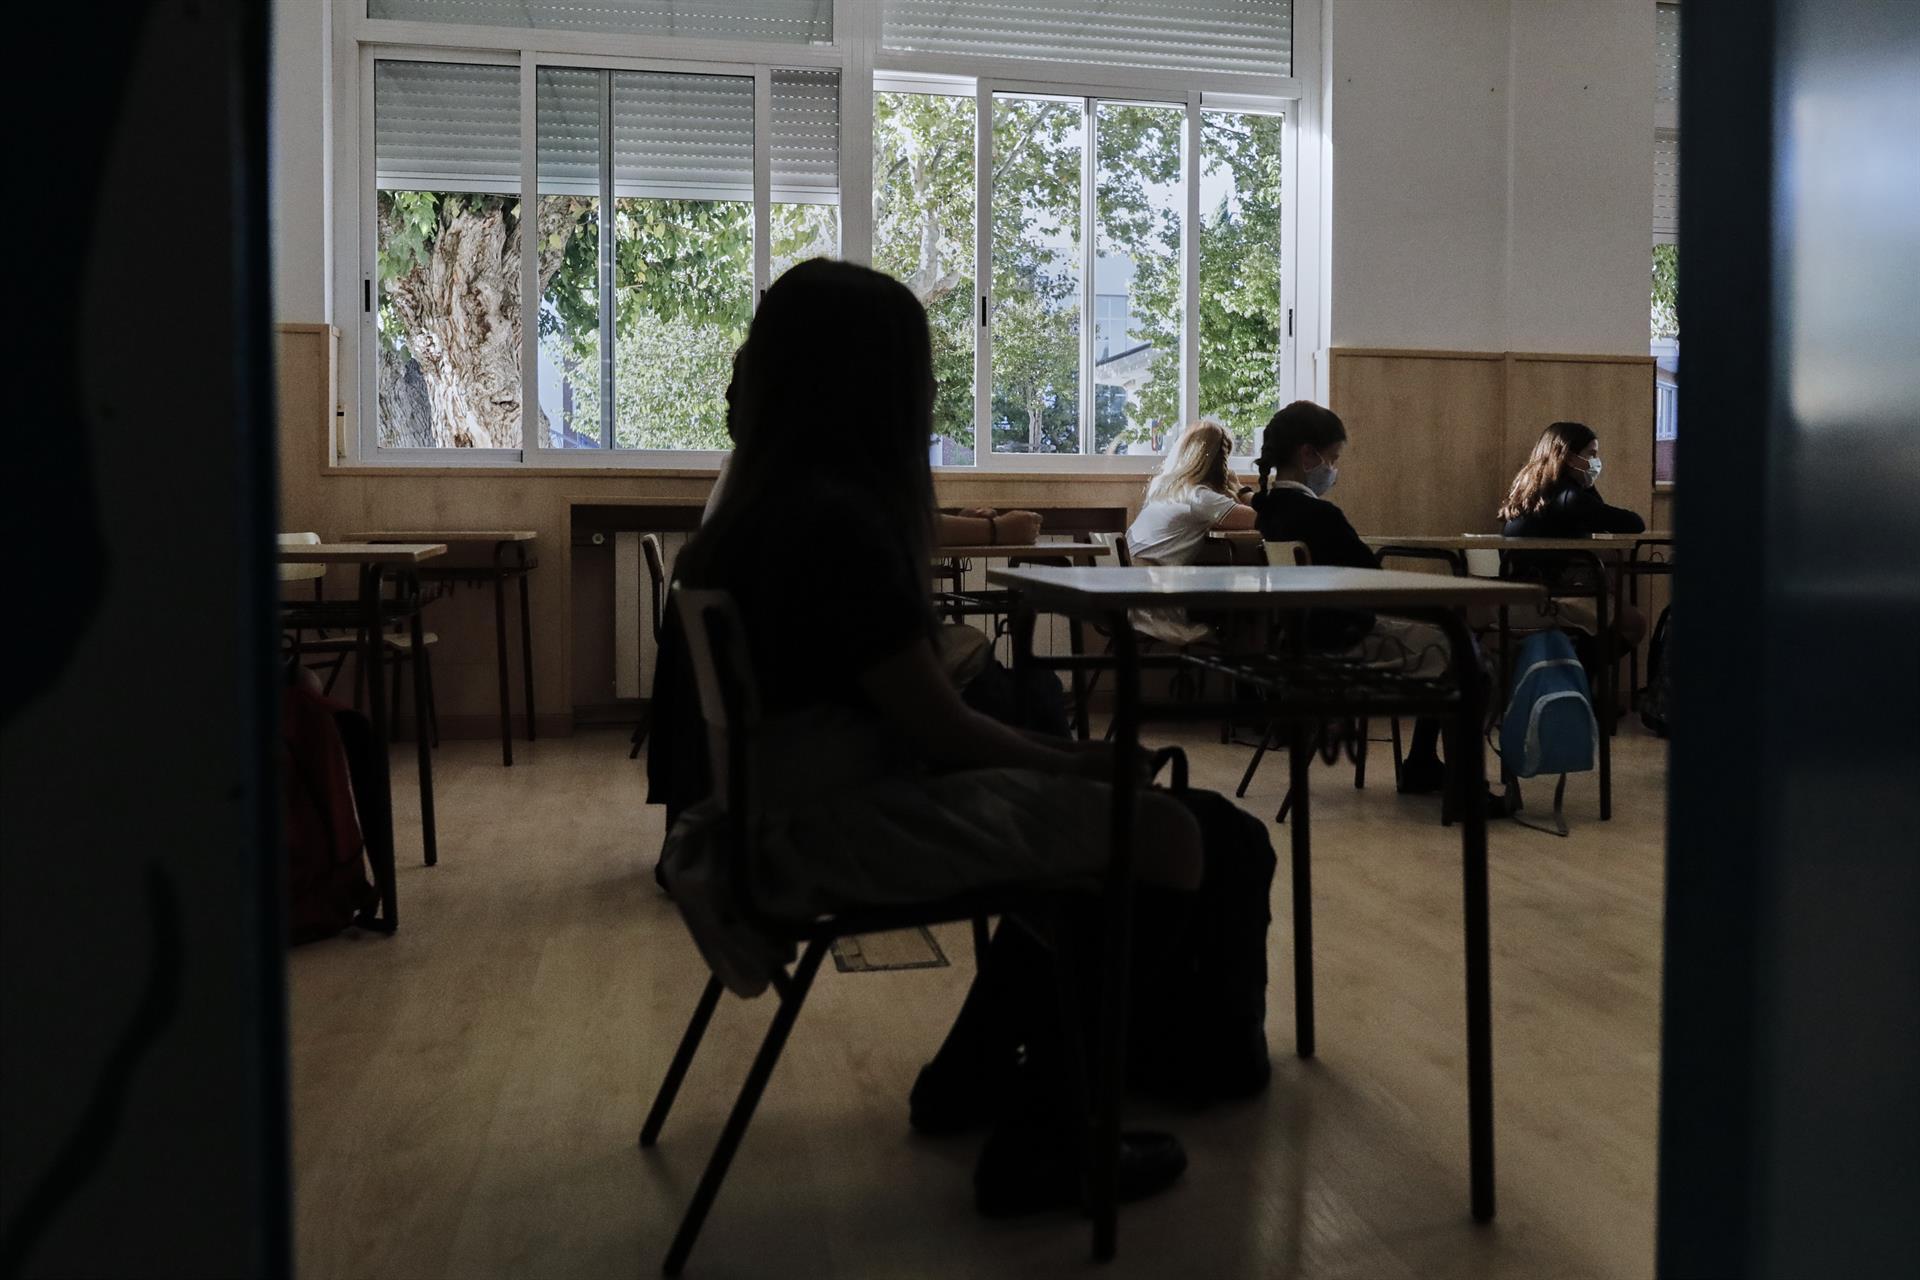 Andalucía llega a fin de curso con ningún centro escolar cerrado y 82 aulas afectadas, 33 menos que el viernes